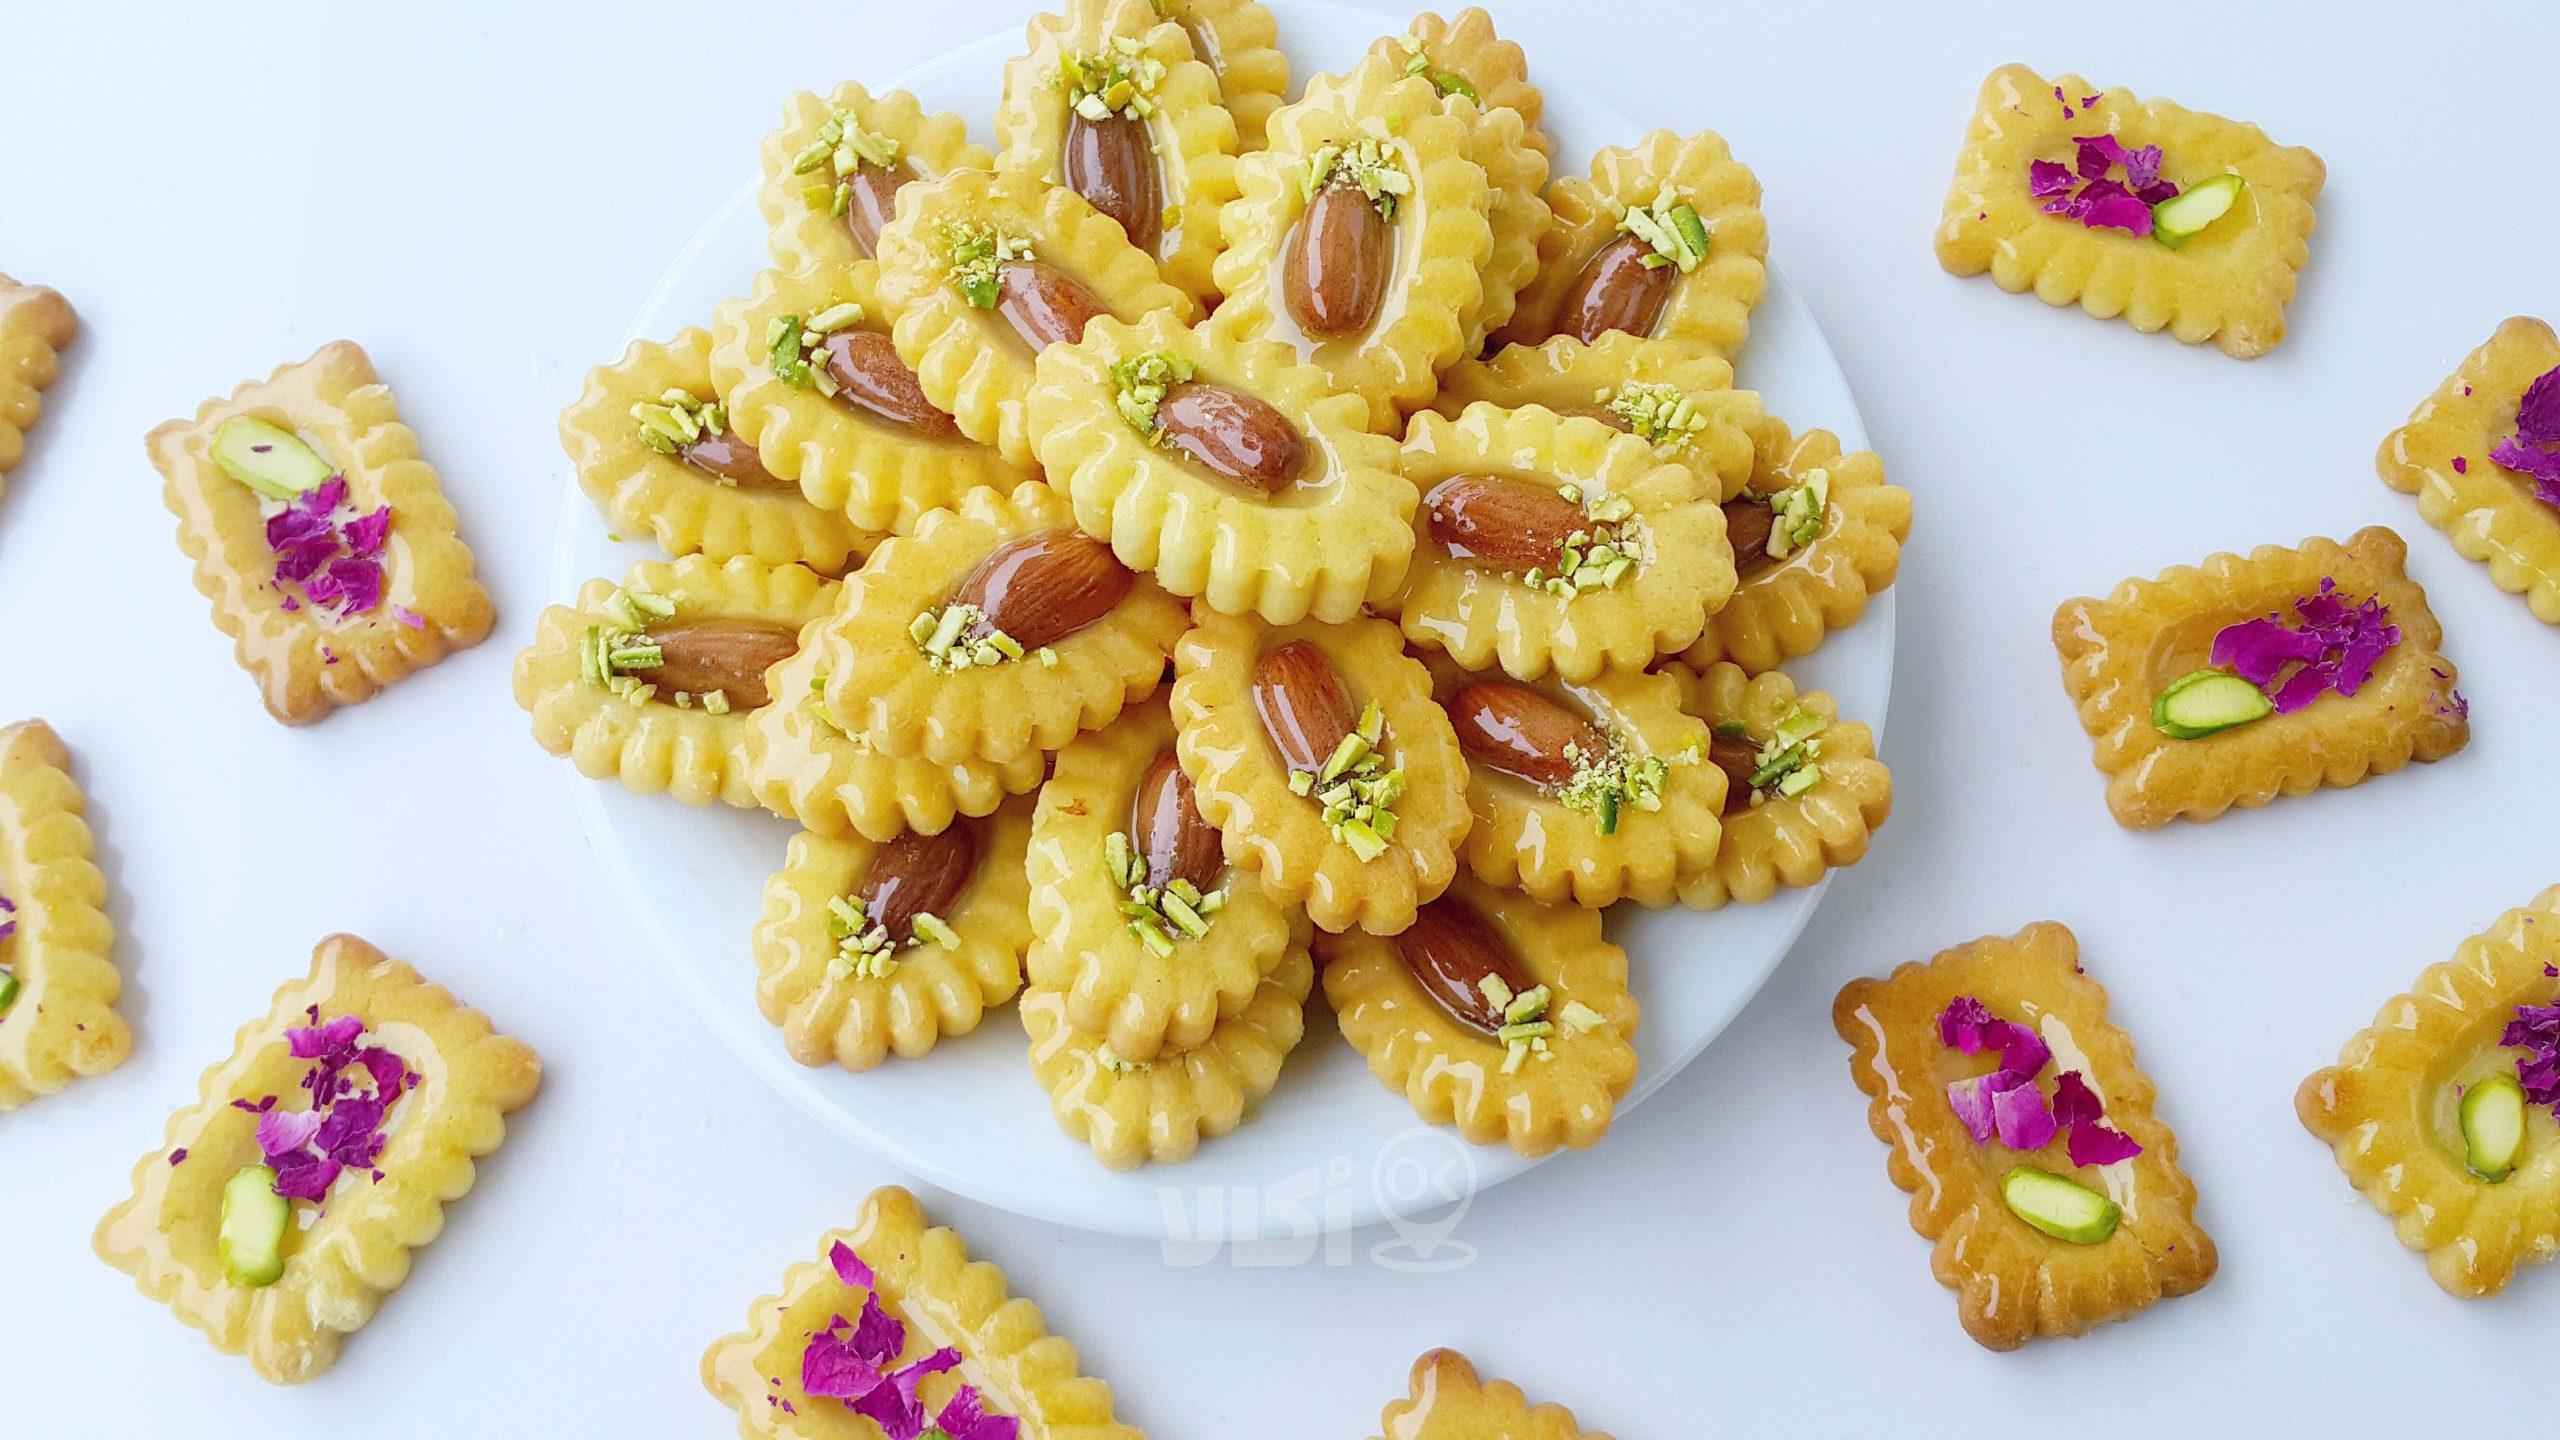 طرز تهیه کوکیز بادام برای عید